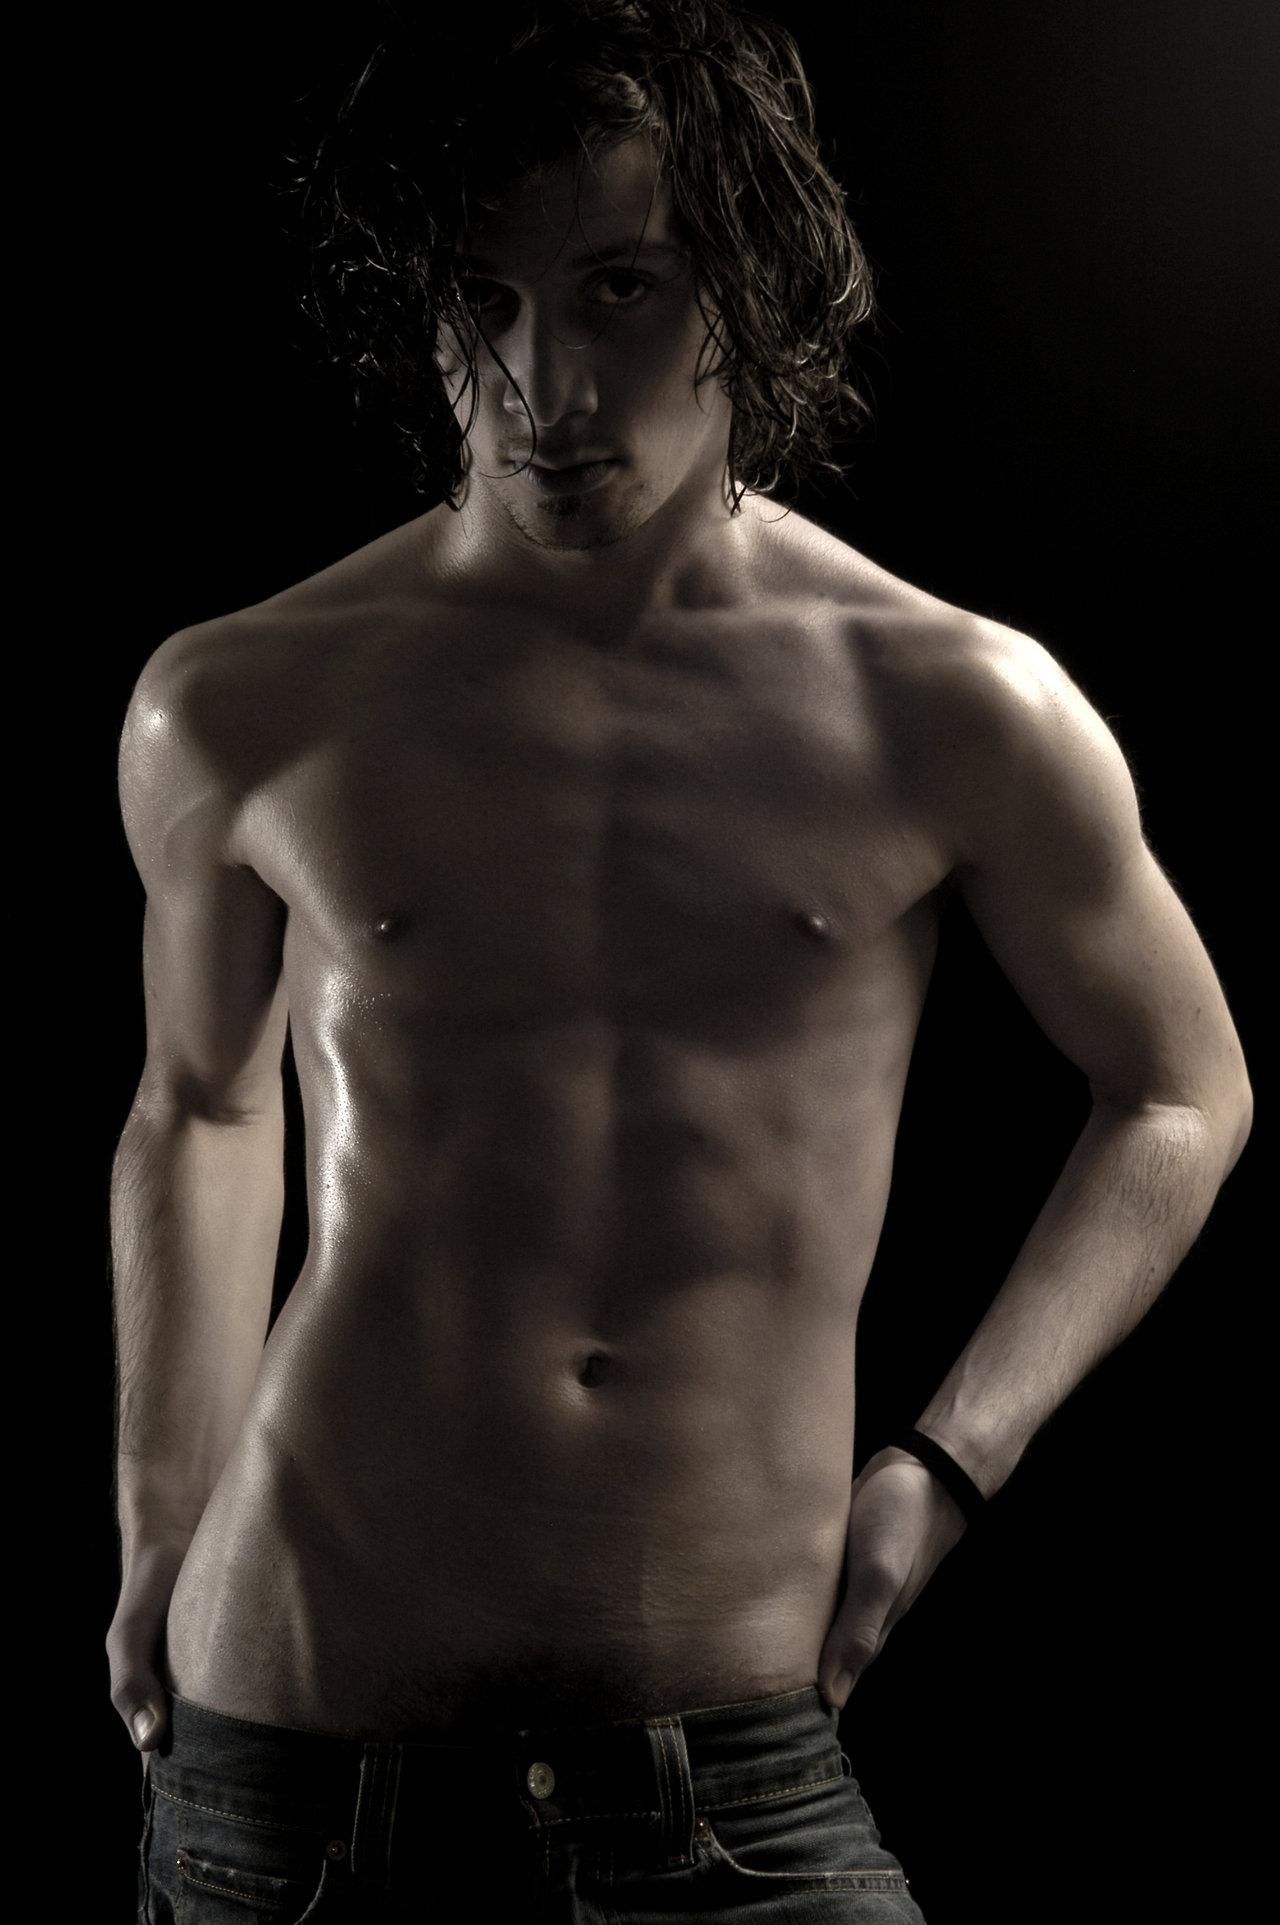 Мужчина голый для женщин новенькое